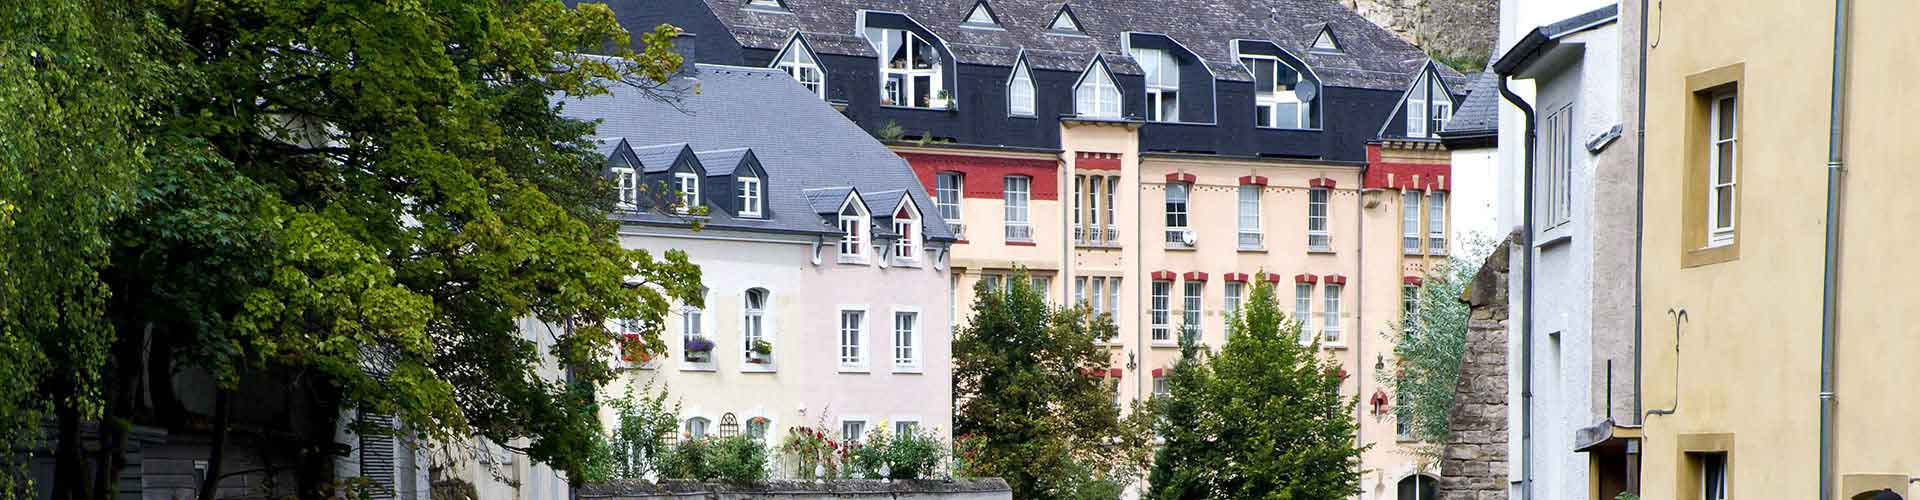 Bryssel – Hostellit kaupungiosassa Alempi kaupunki. Bryssel -karttoja, valokuvia ja arvosteluja kaikista Bryssel -hostelleista.